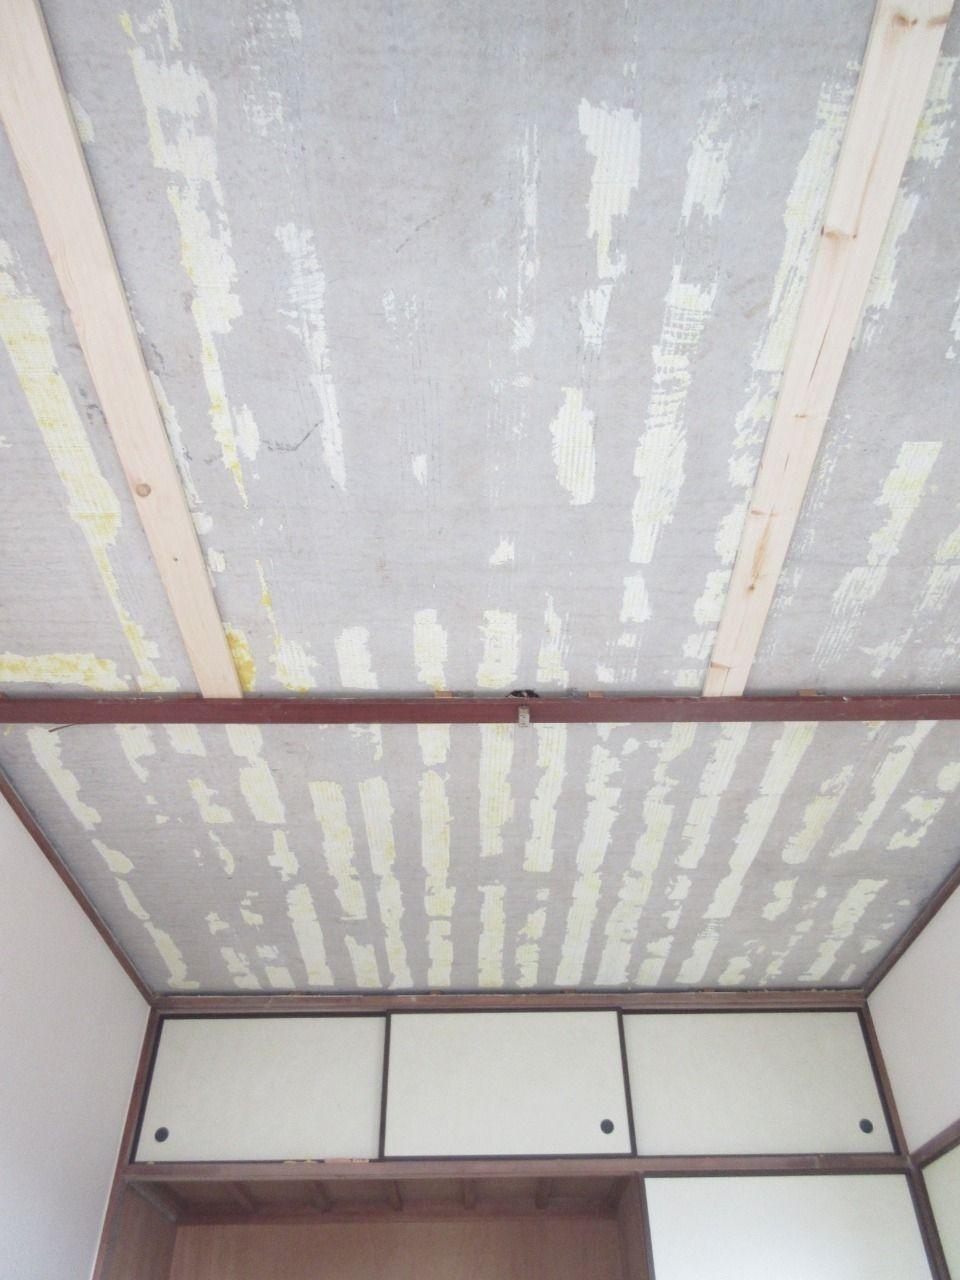 みなさまこんにちは。 前回は天井材を剥がし、カオスになったお部屋を片付けた所まででした。 次は天井の新たな下地を作っていきたいと思います。